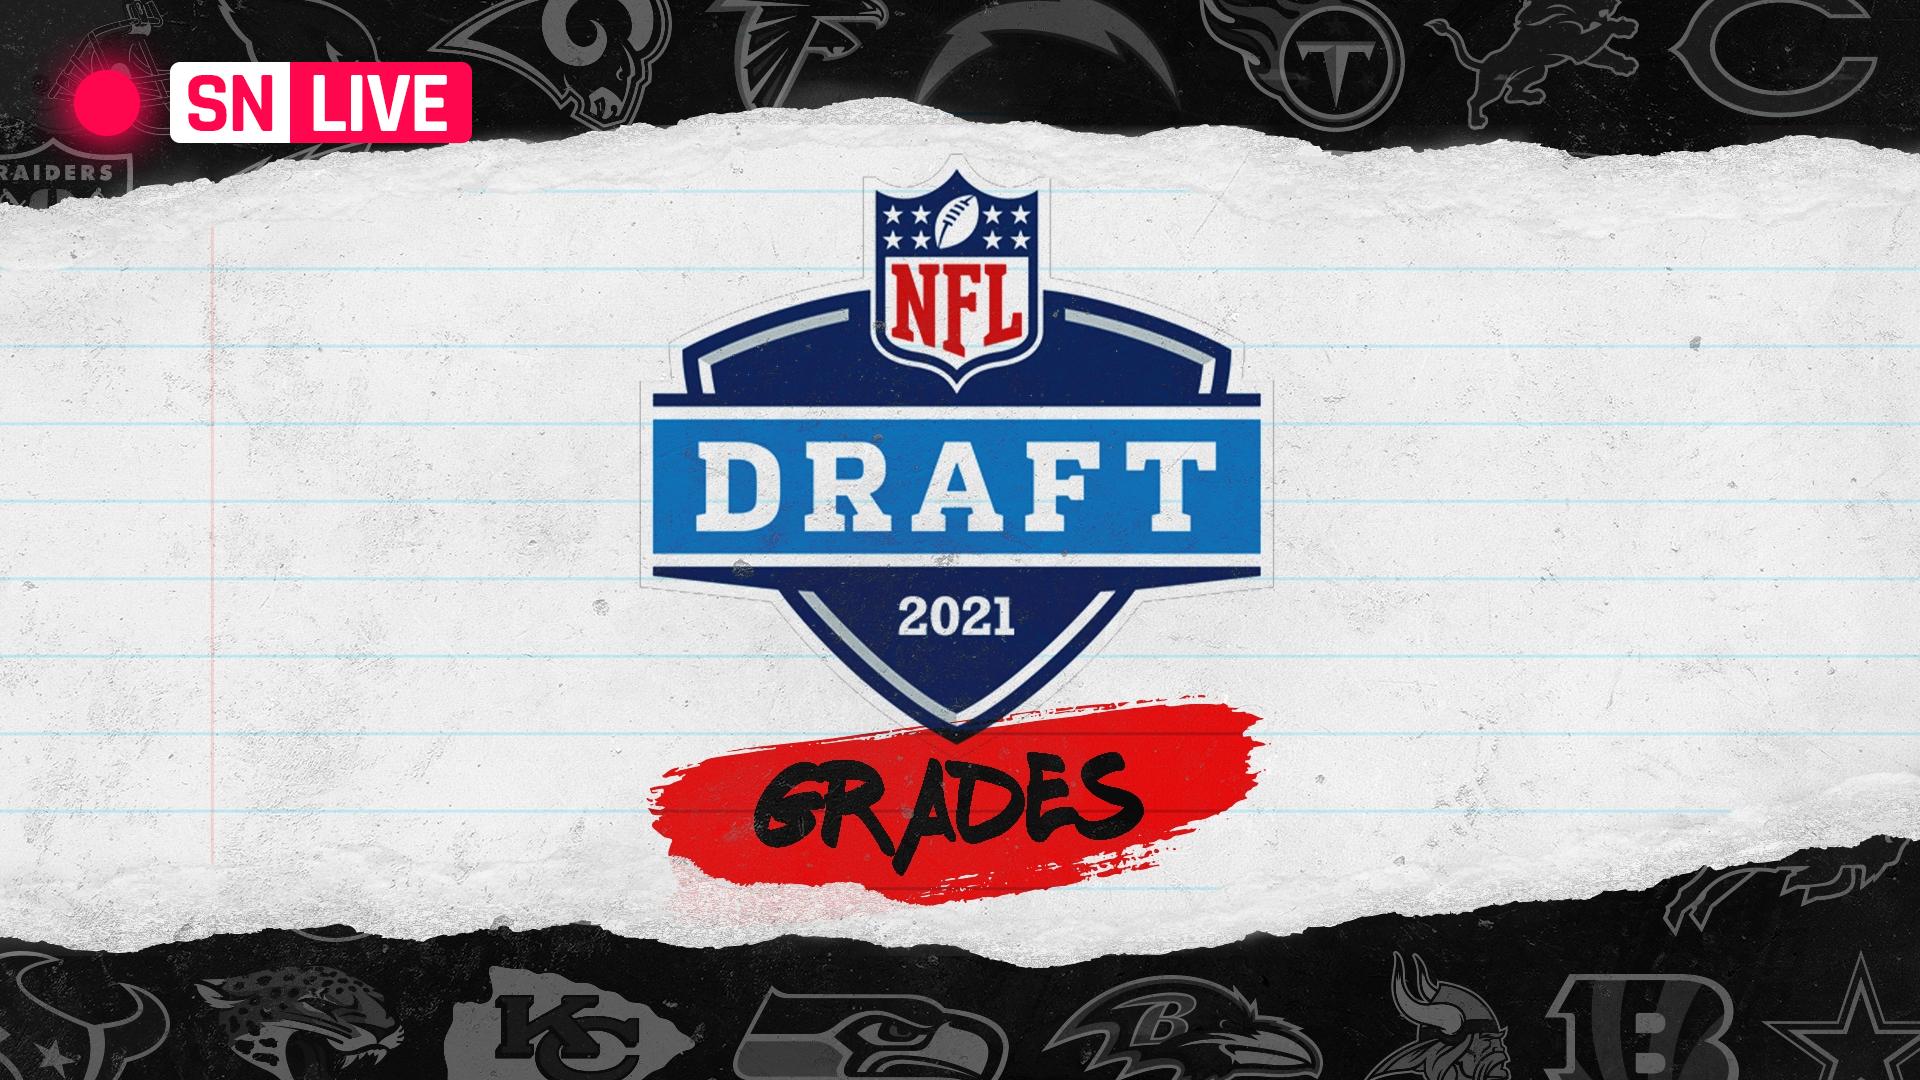 nfl-draft-grades-live-ftr.png